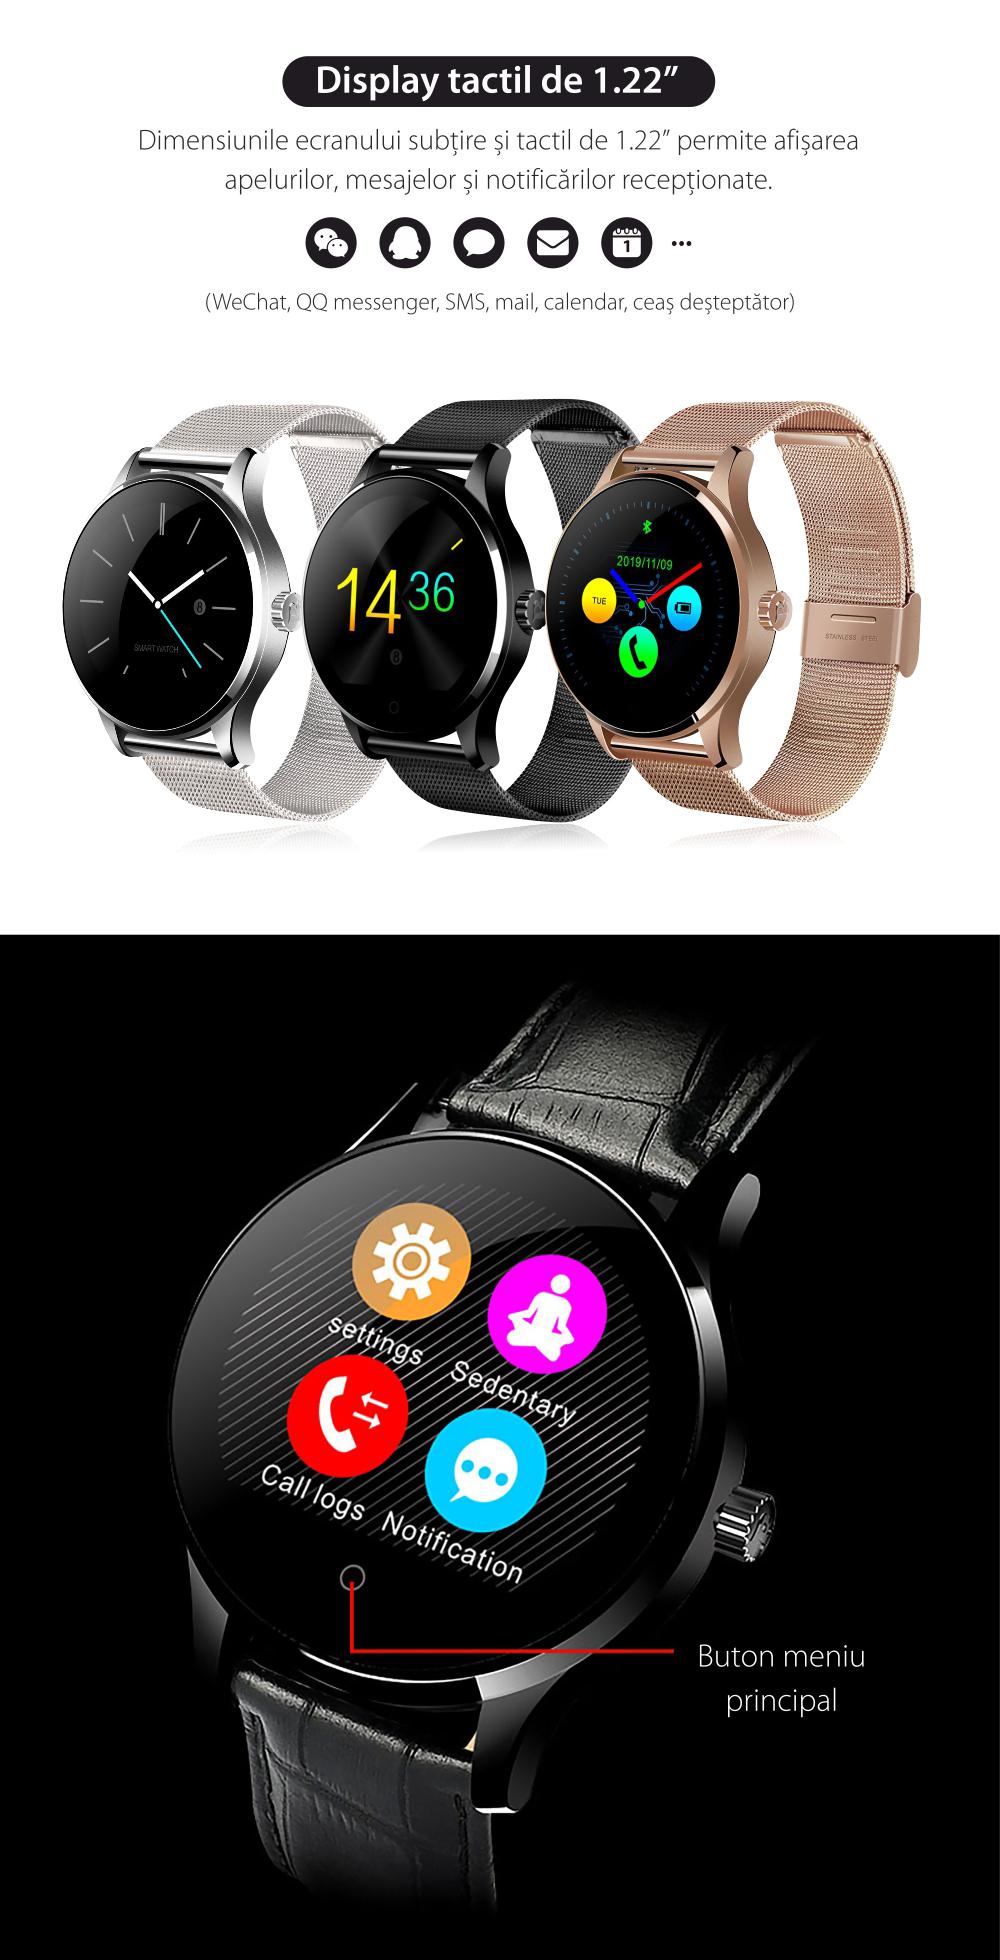 Ceas Smartwatch TKY-K88H cu Functie Apelare prin Bluetooth, Senzor puls, Notificari, Pedometru, Argintiu